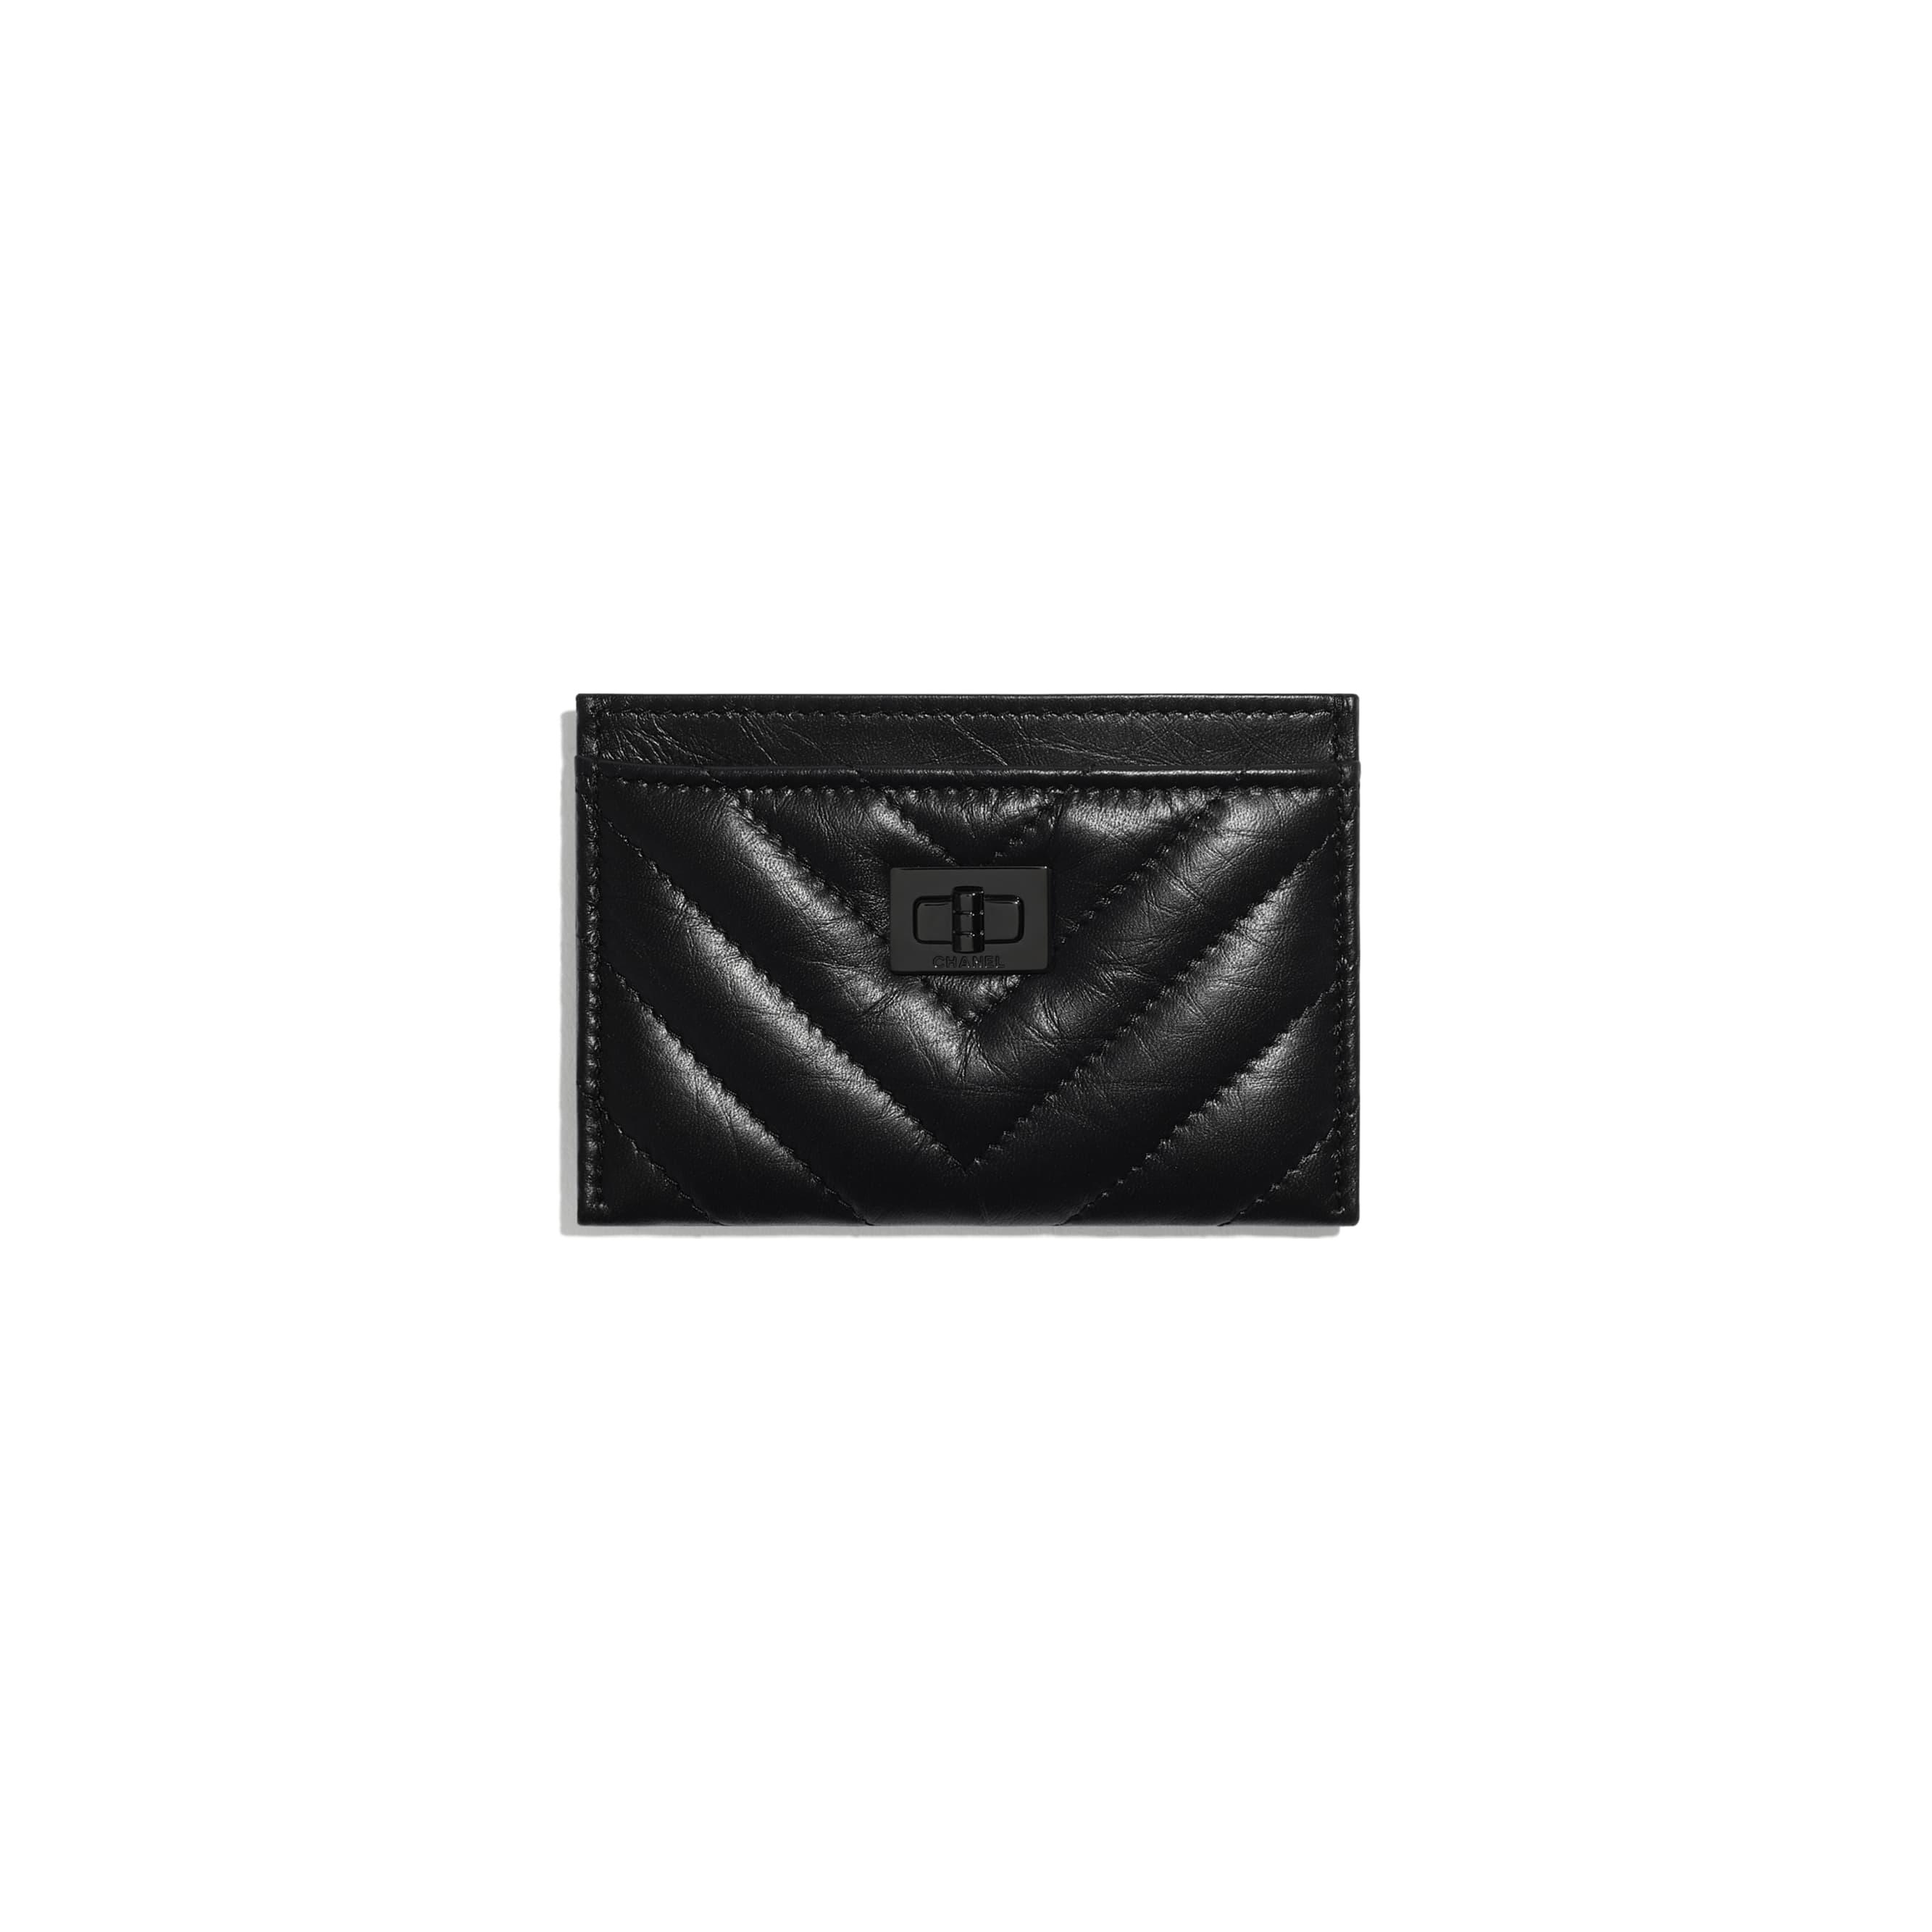 Porte-cartes 2.55 - Noir - Veau vieilli & métal noir - CHANEL - Vue par défaut - voir la version taille standard